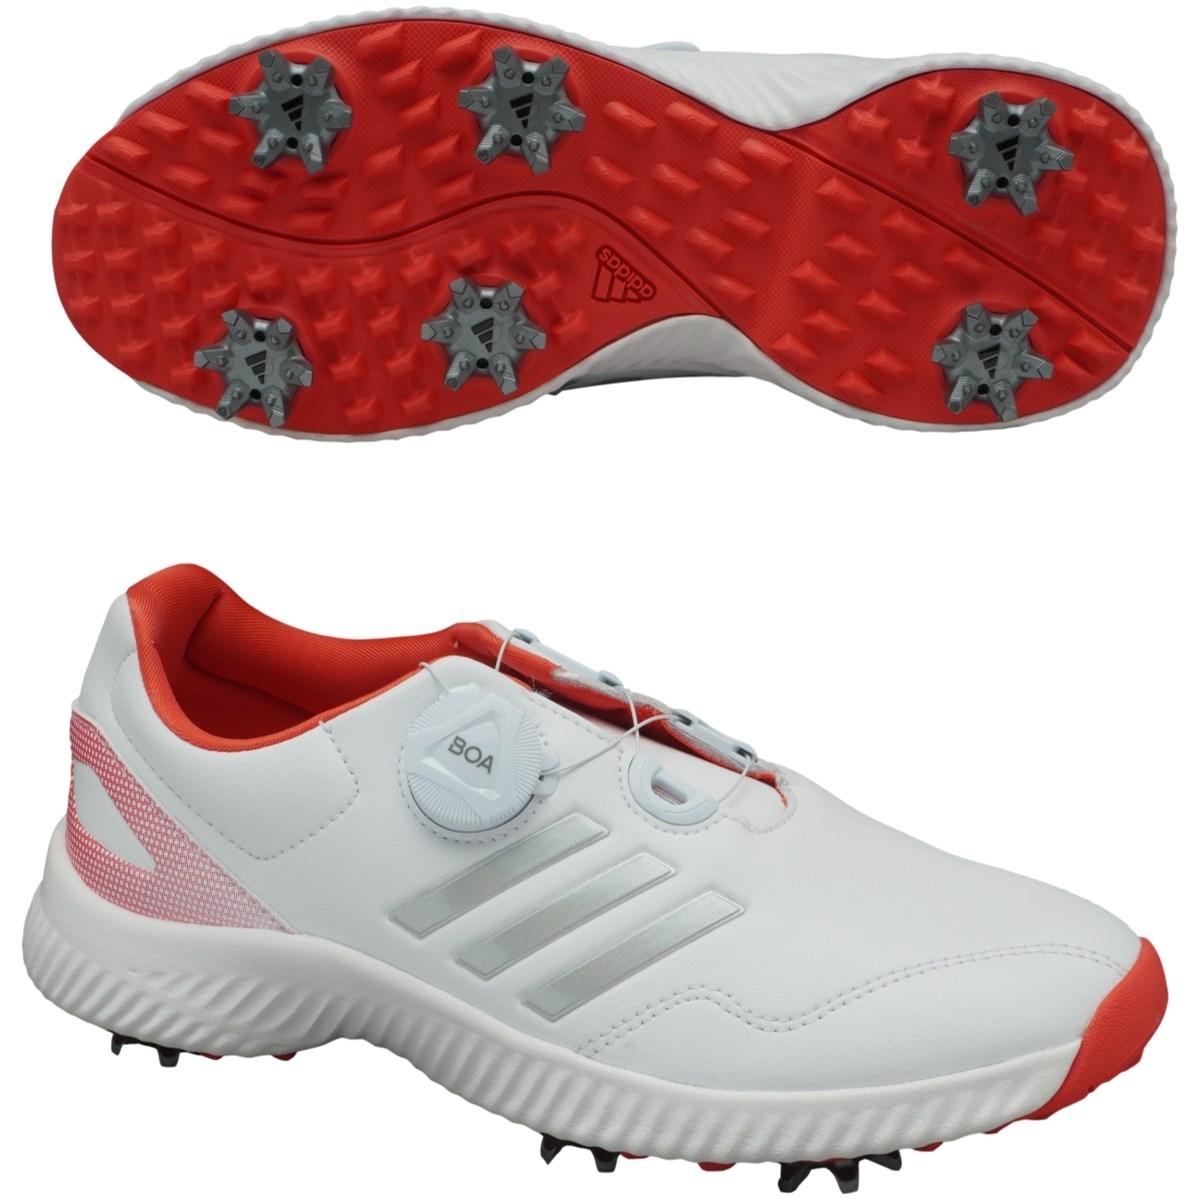 アディダス(adidas) レスポンスバウンス ボア シューズレディス